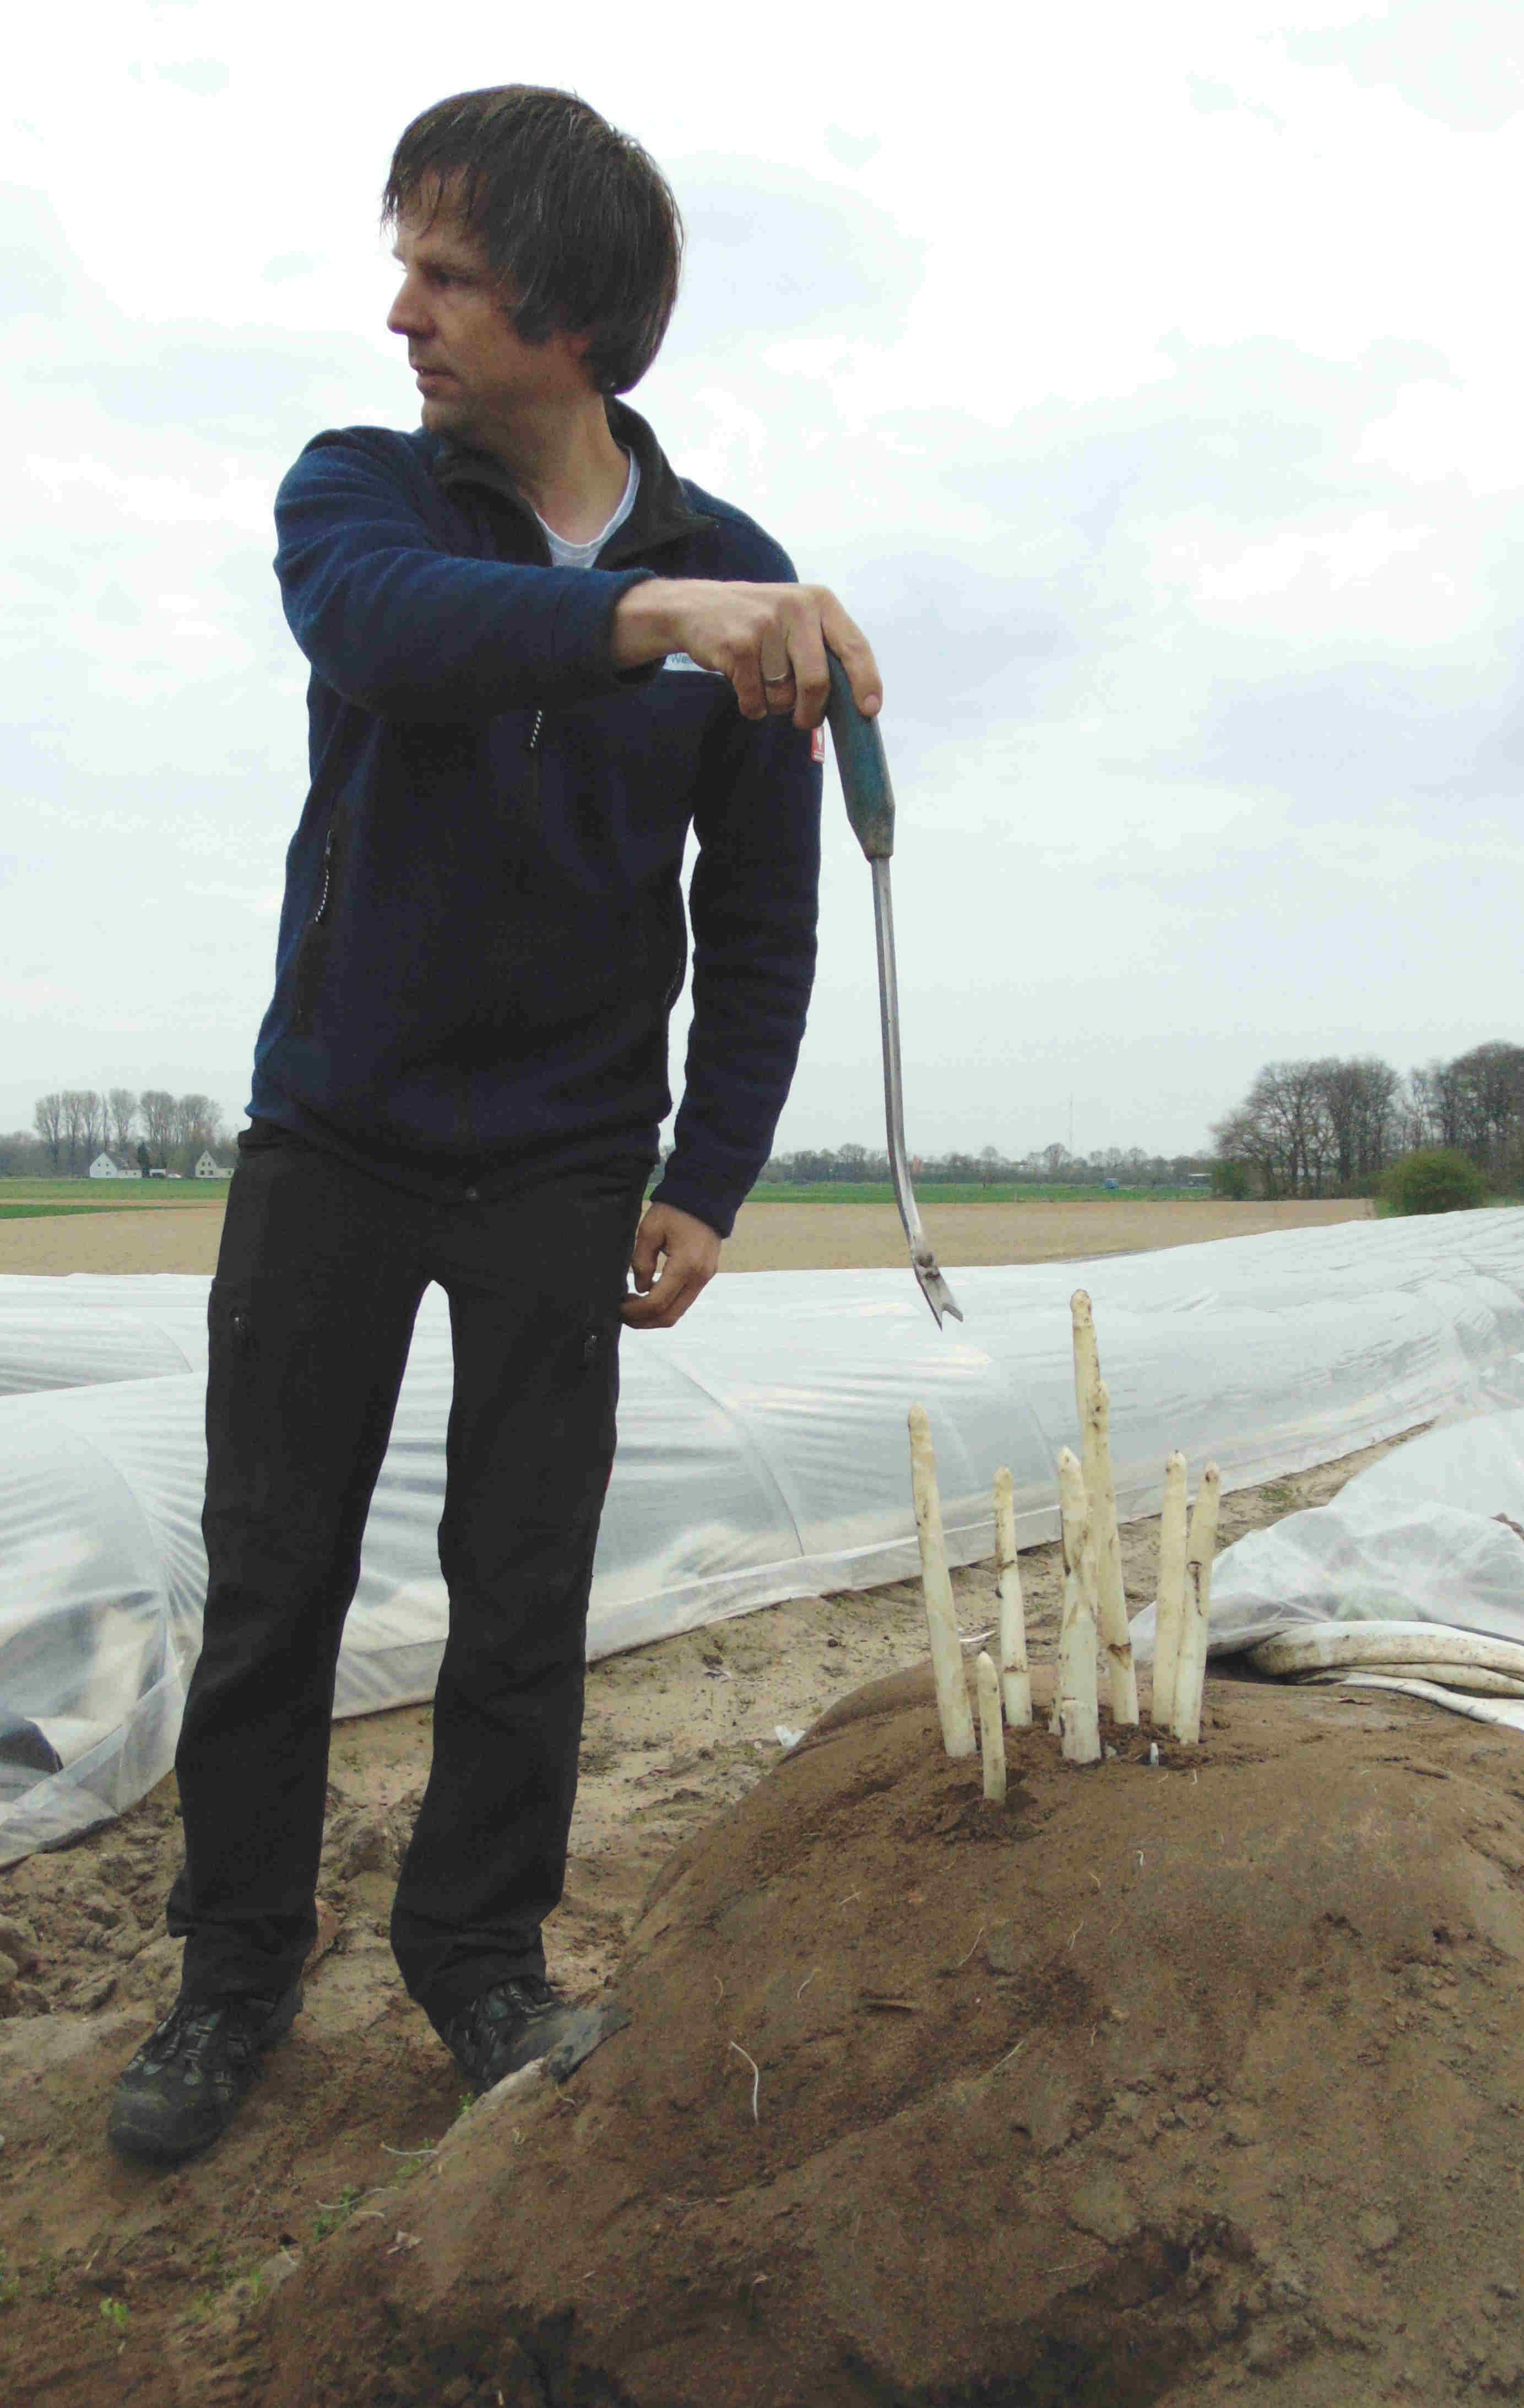 Ralf zeigt den Teilnehmern, wie sie einen Spargel stechen, ohne die noch nicht sichtbaren Stangen zu zerstören